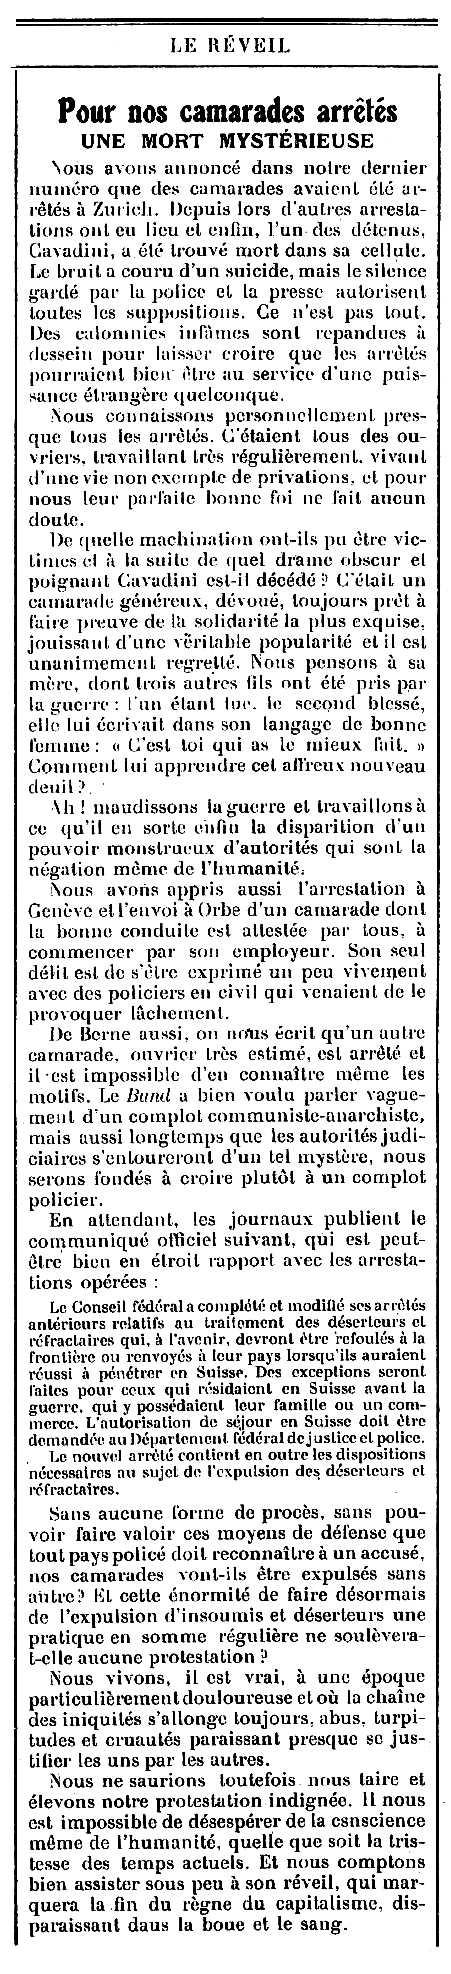 """Notícia de la mort d'Arcangelo Cavadini publicada en el periòdic ginebrí """"Le Réveil"""" de l'11 de maig de 1918"""